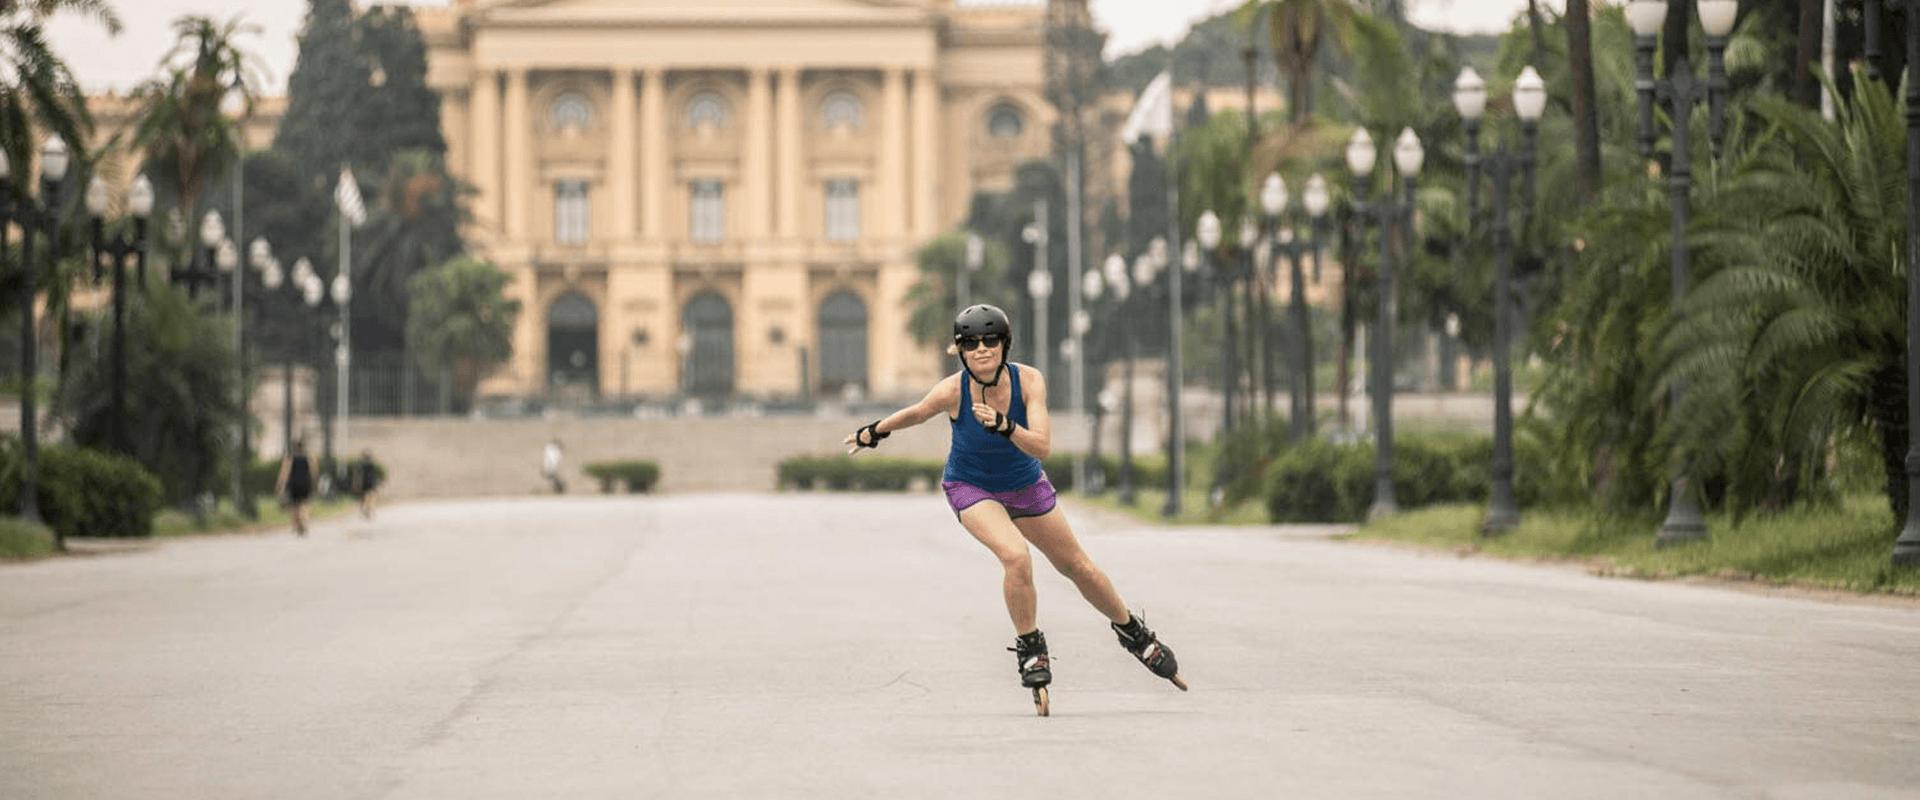 Estrela inglesa da patinação vem dar aulas em Curitiba no próximo fim de semana